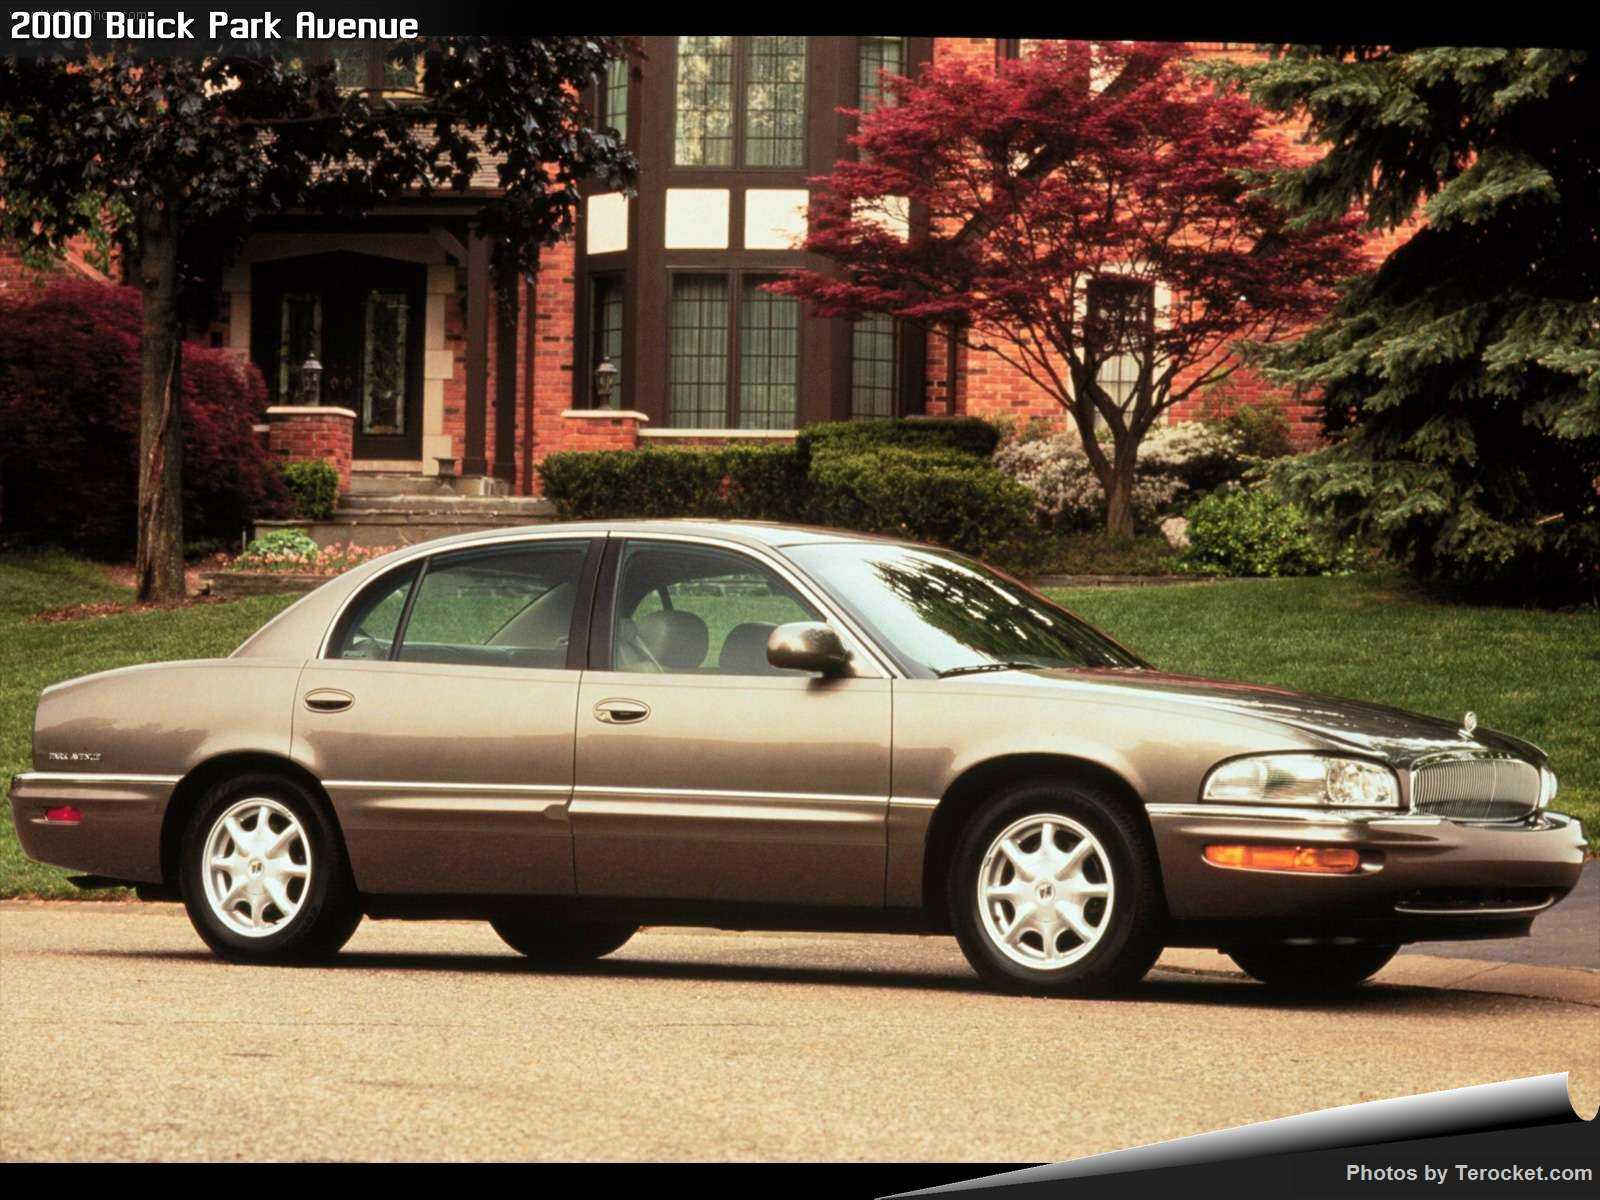 Hình ảnh xe ô tô Buick Park Avenue 2000 & nội ngoại thất